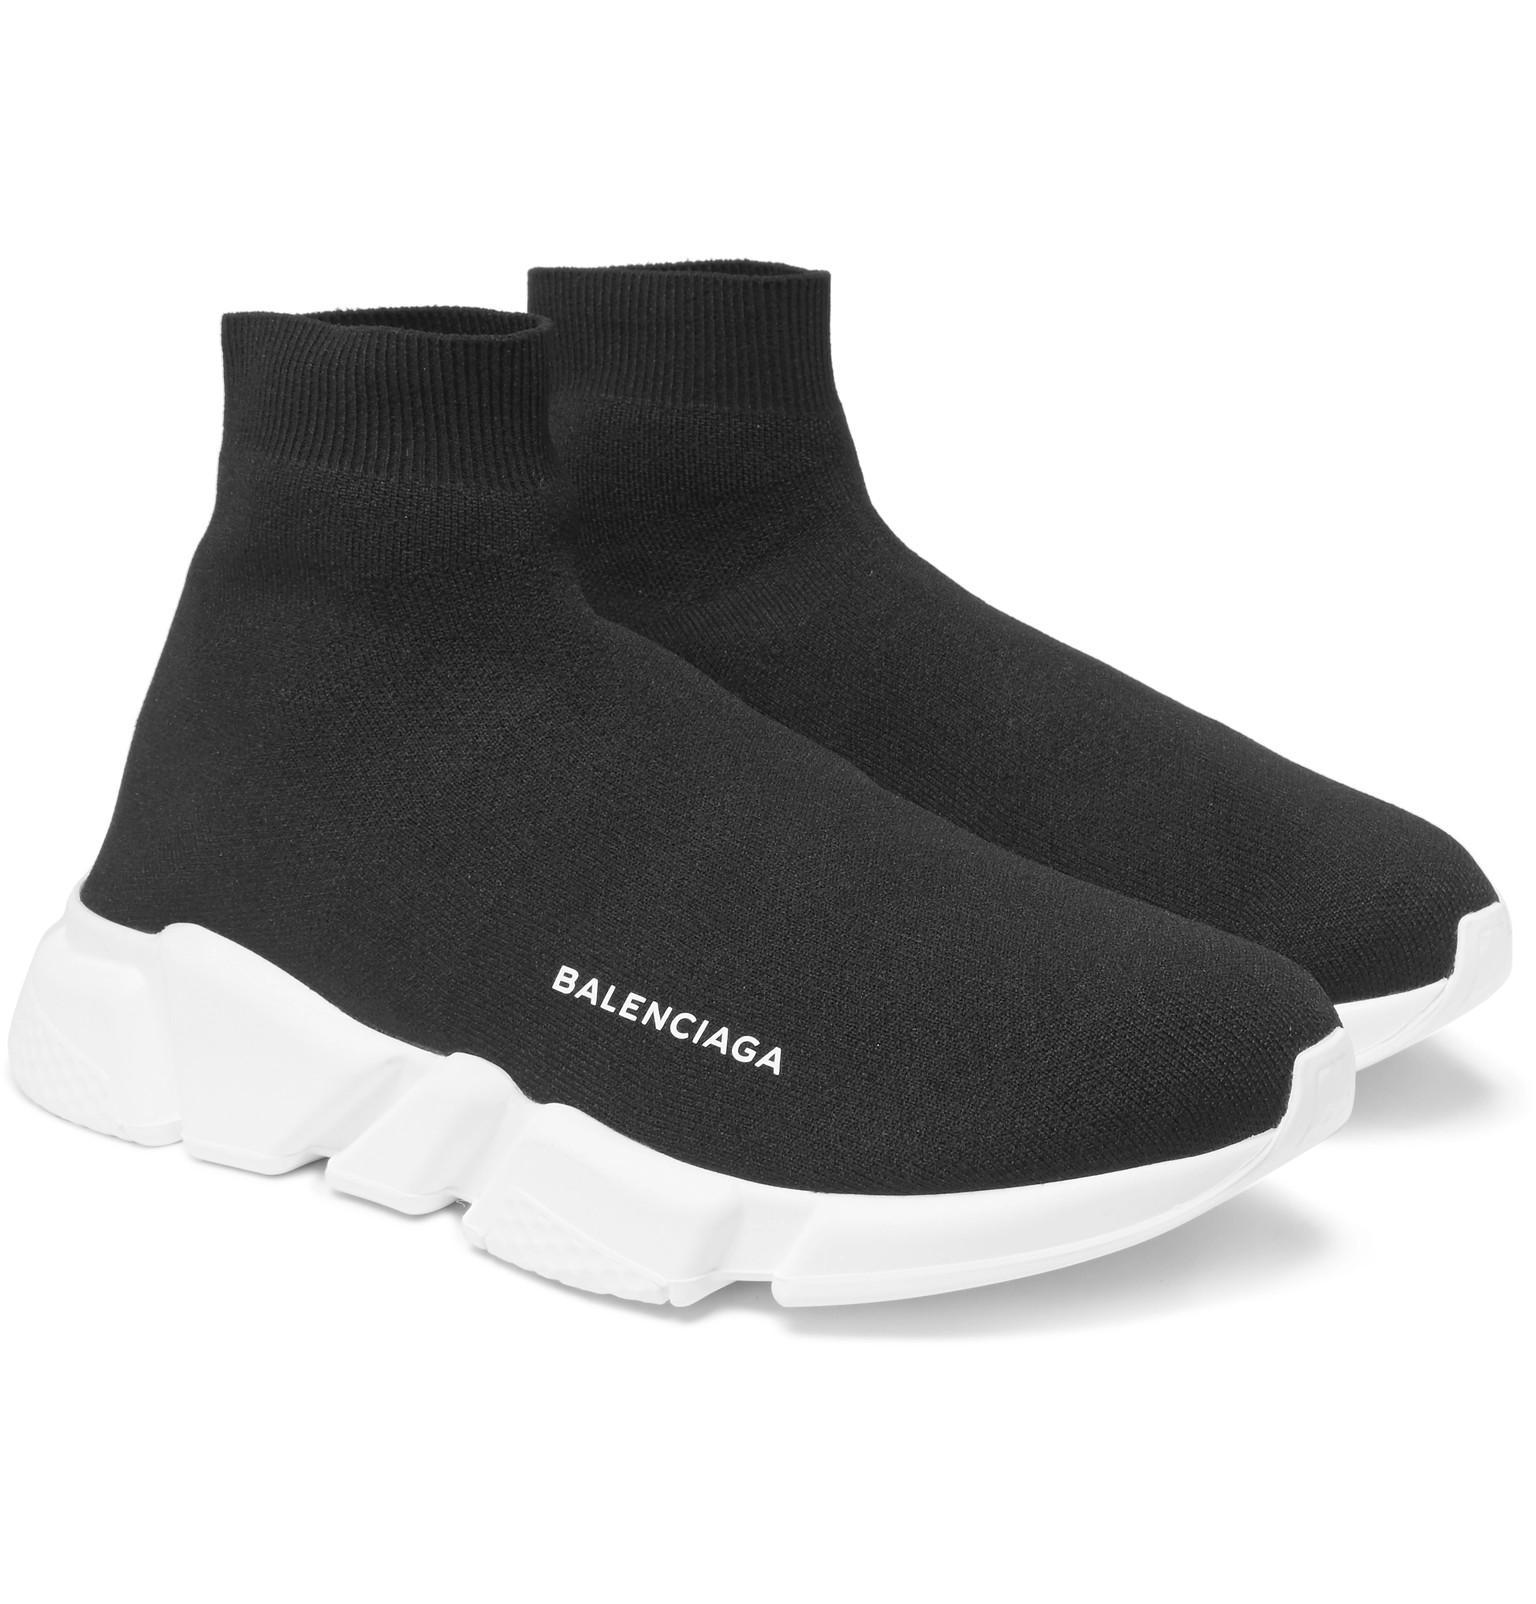 Shoes That Look Like Socks Nike